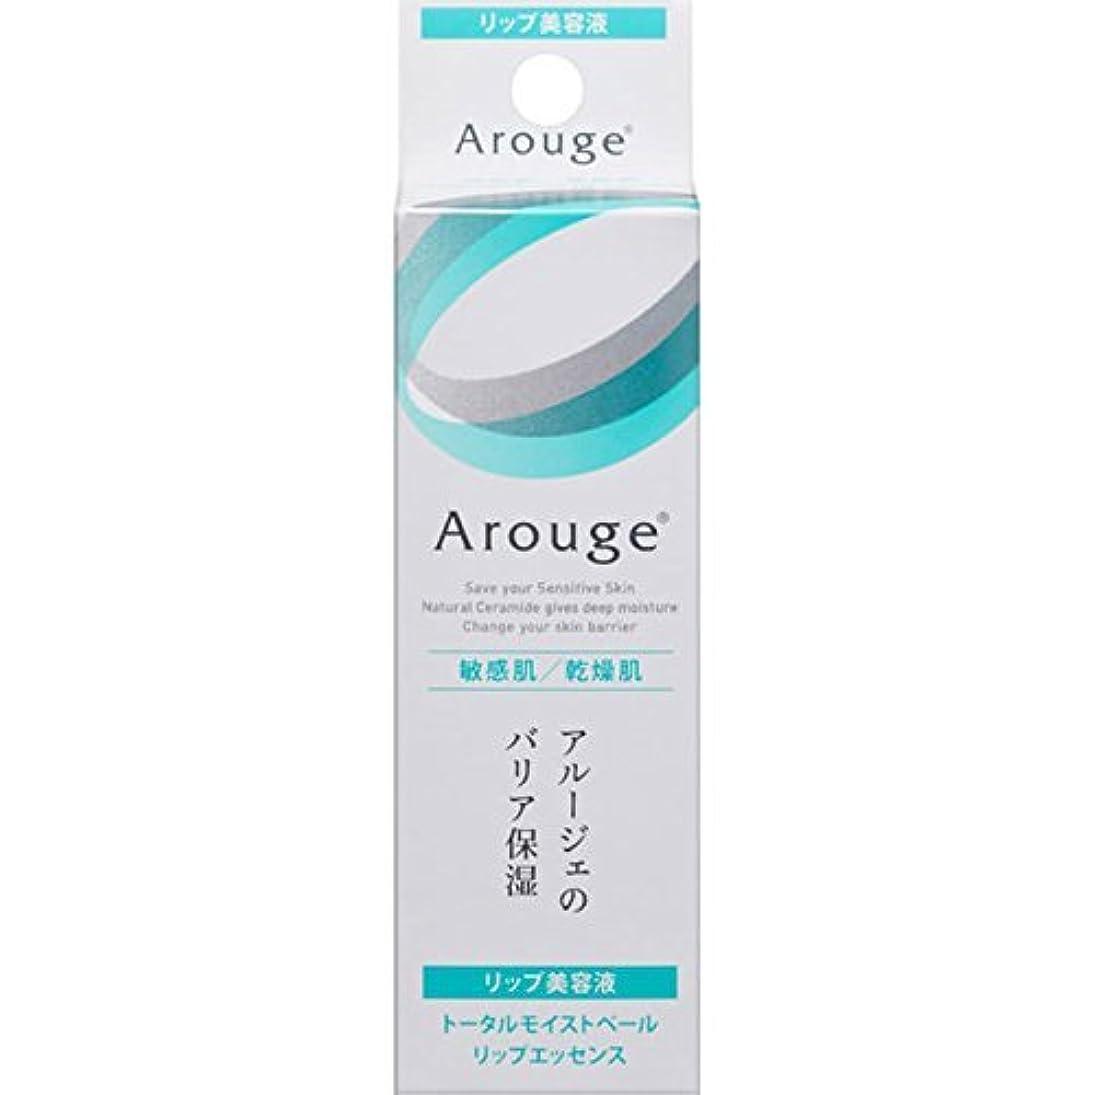 イソギンチャク原始的なボンド全薬工業 アルージェ トータルモイストベール リップエッセンス 8g